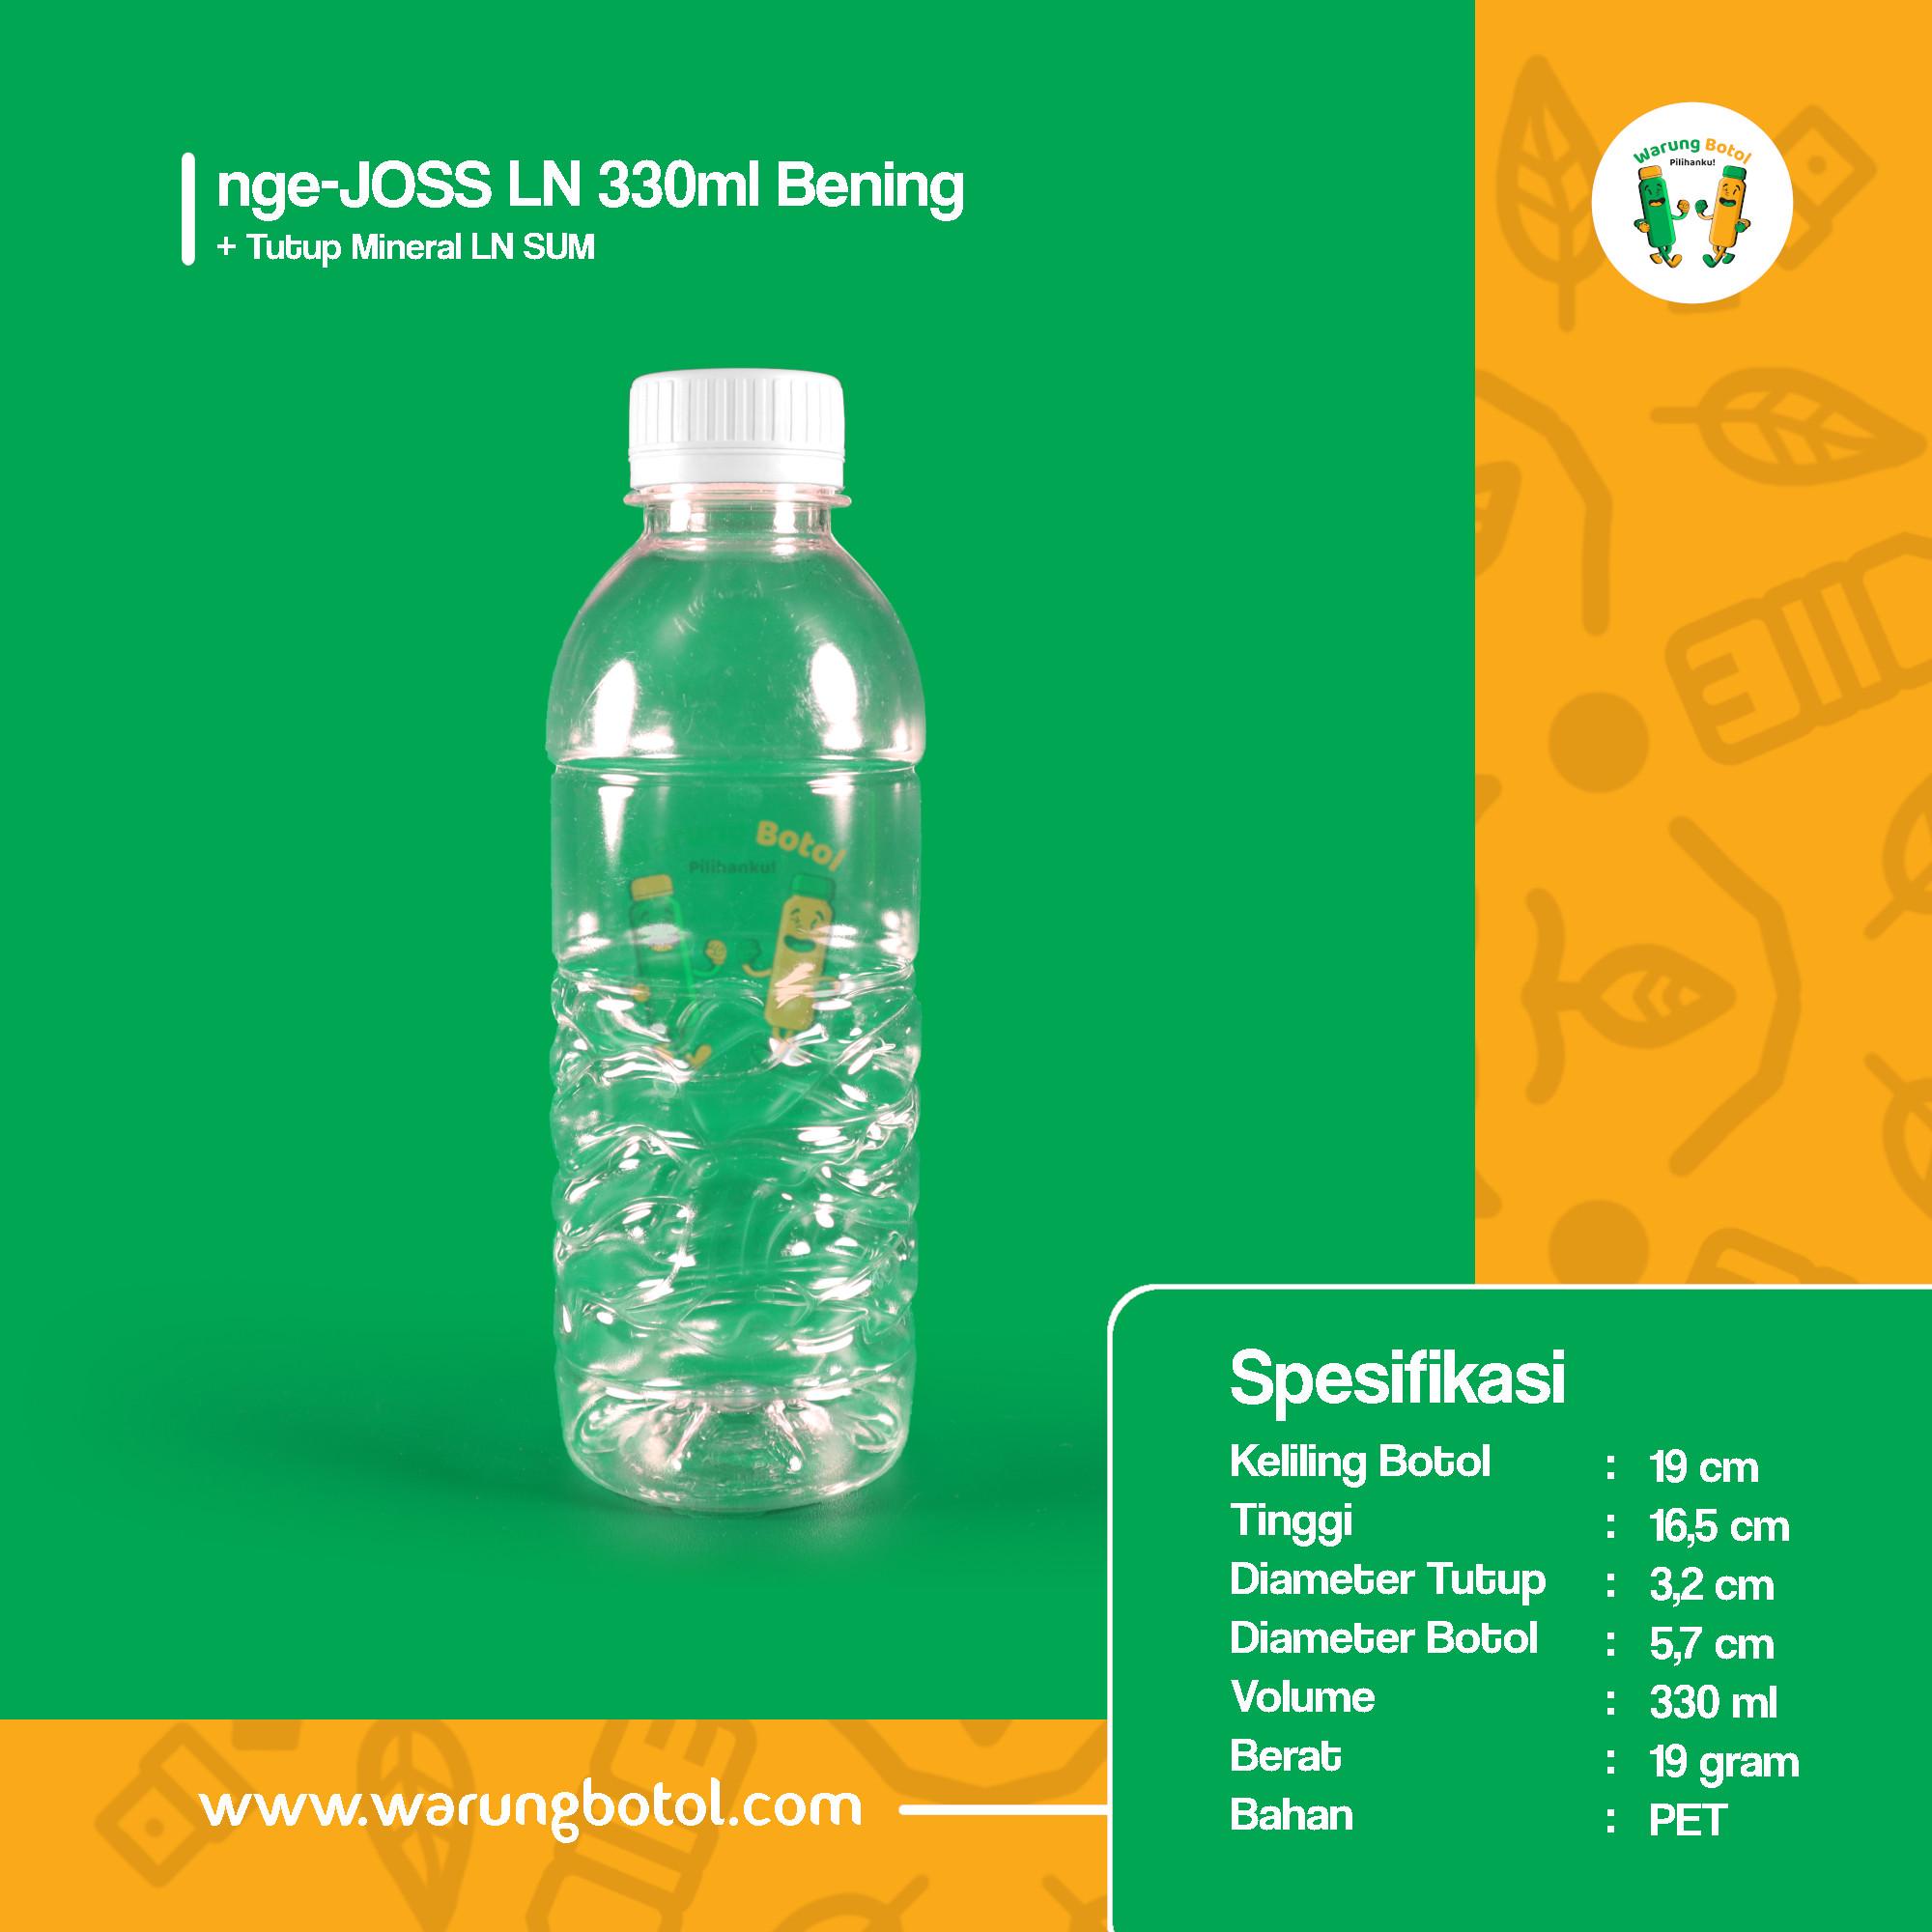 distributor jual botol plastik murah dan unik 330ml untuk kopi jus, minuman, susu soda boba terdekat di bandung jakarta bekasi bogor